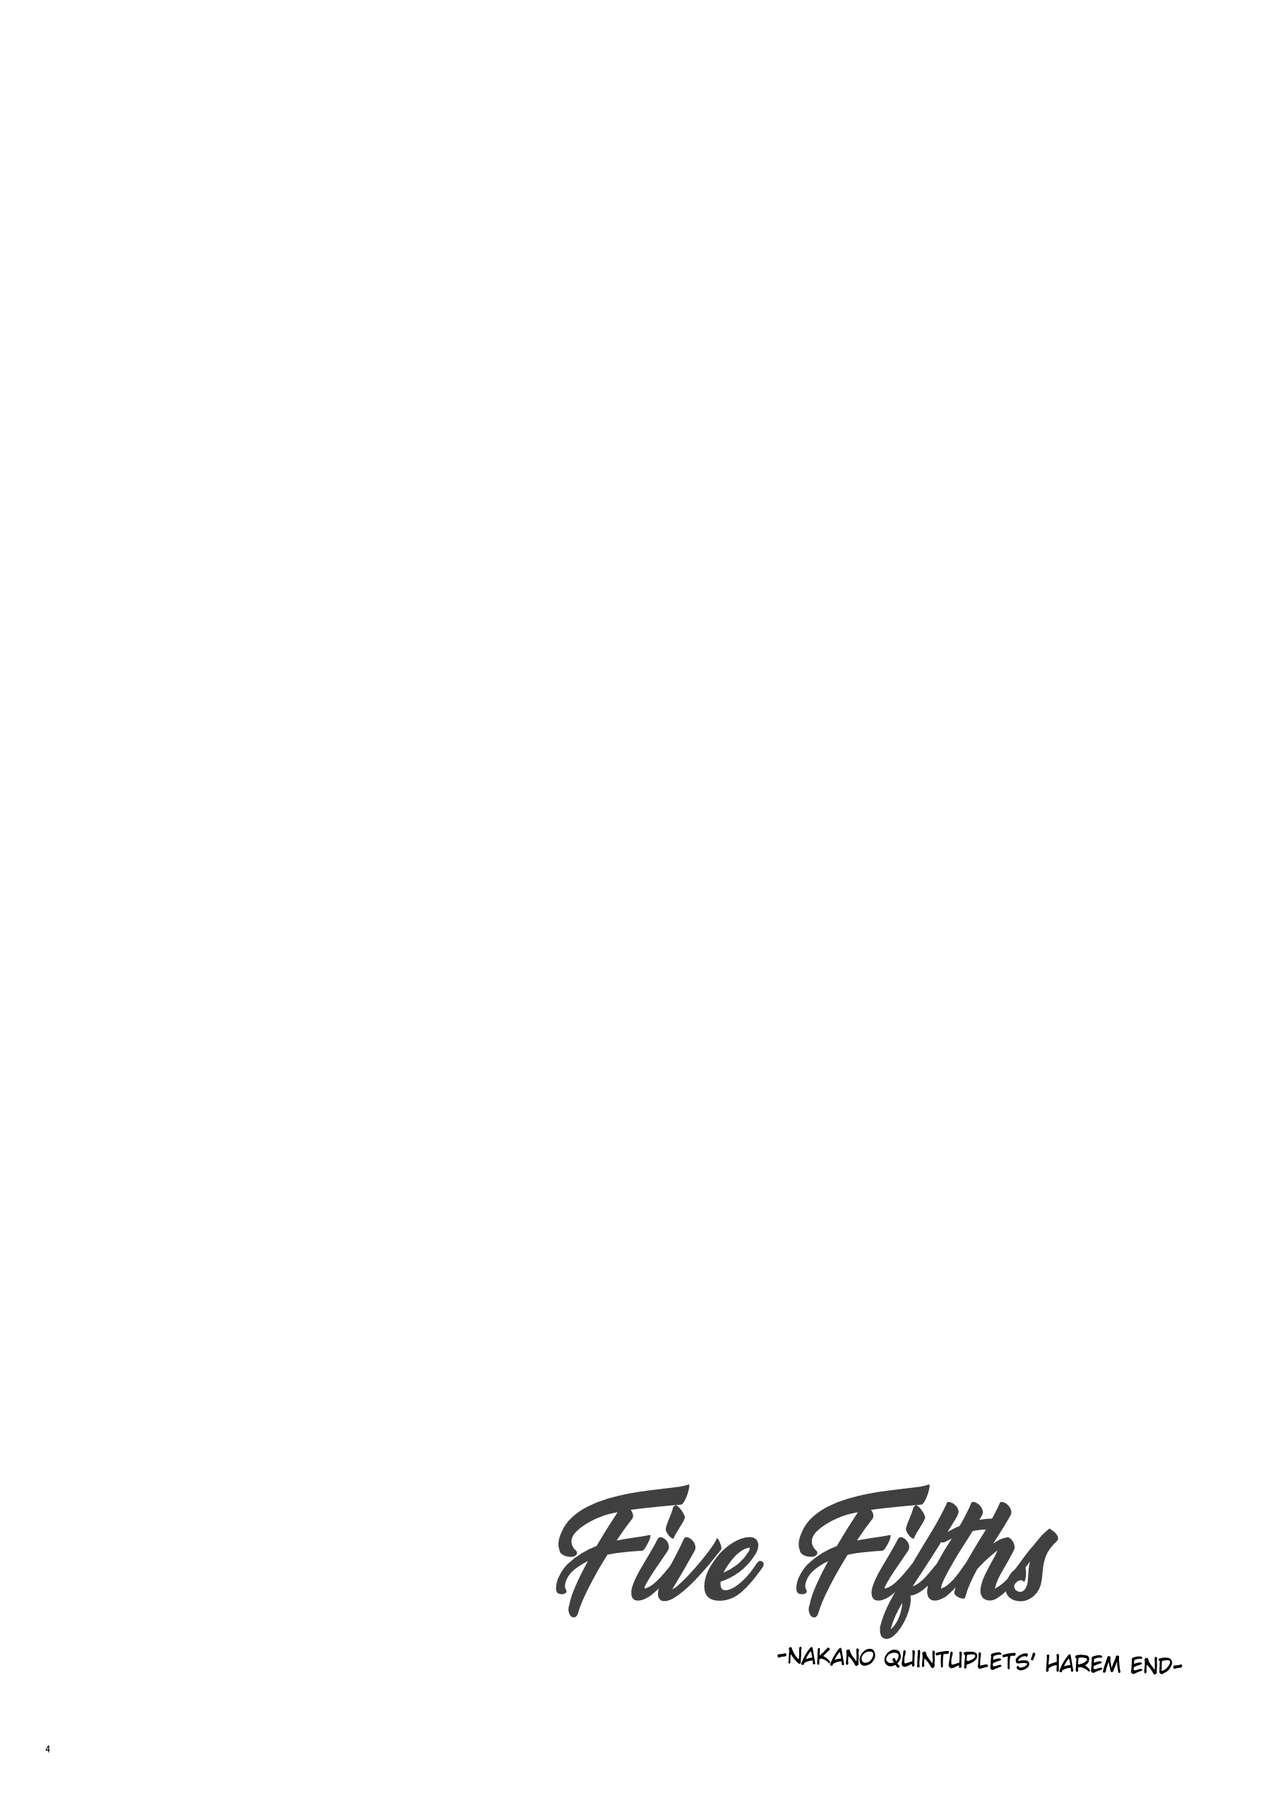 [Samurai Ninja GREENTEA] Gobun no Go -Nakano-ke Itsutsugo Harem END-   Five Fifths -Nakano Quintuplets' Harem END- (Gotoubun no Hanayome) [English] [syraku] [Digital] 2